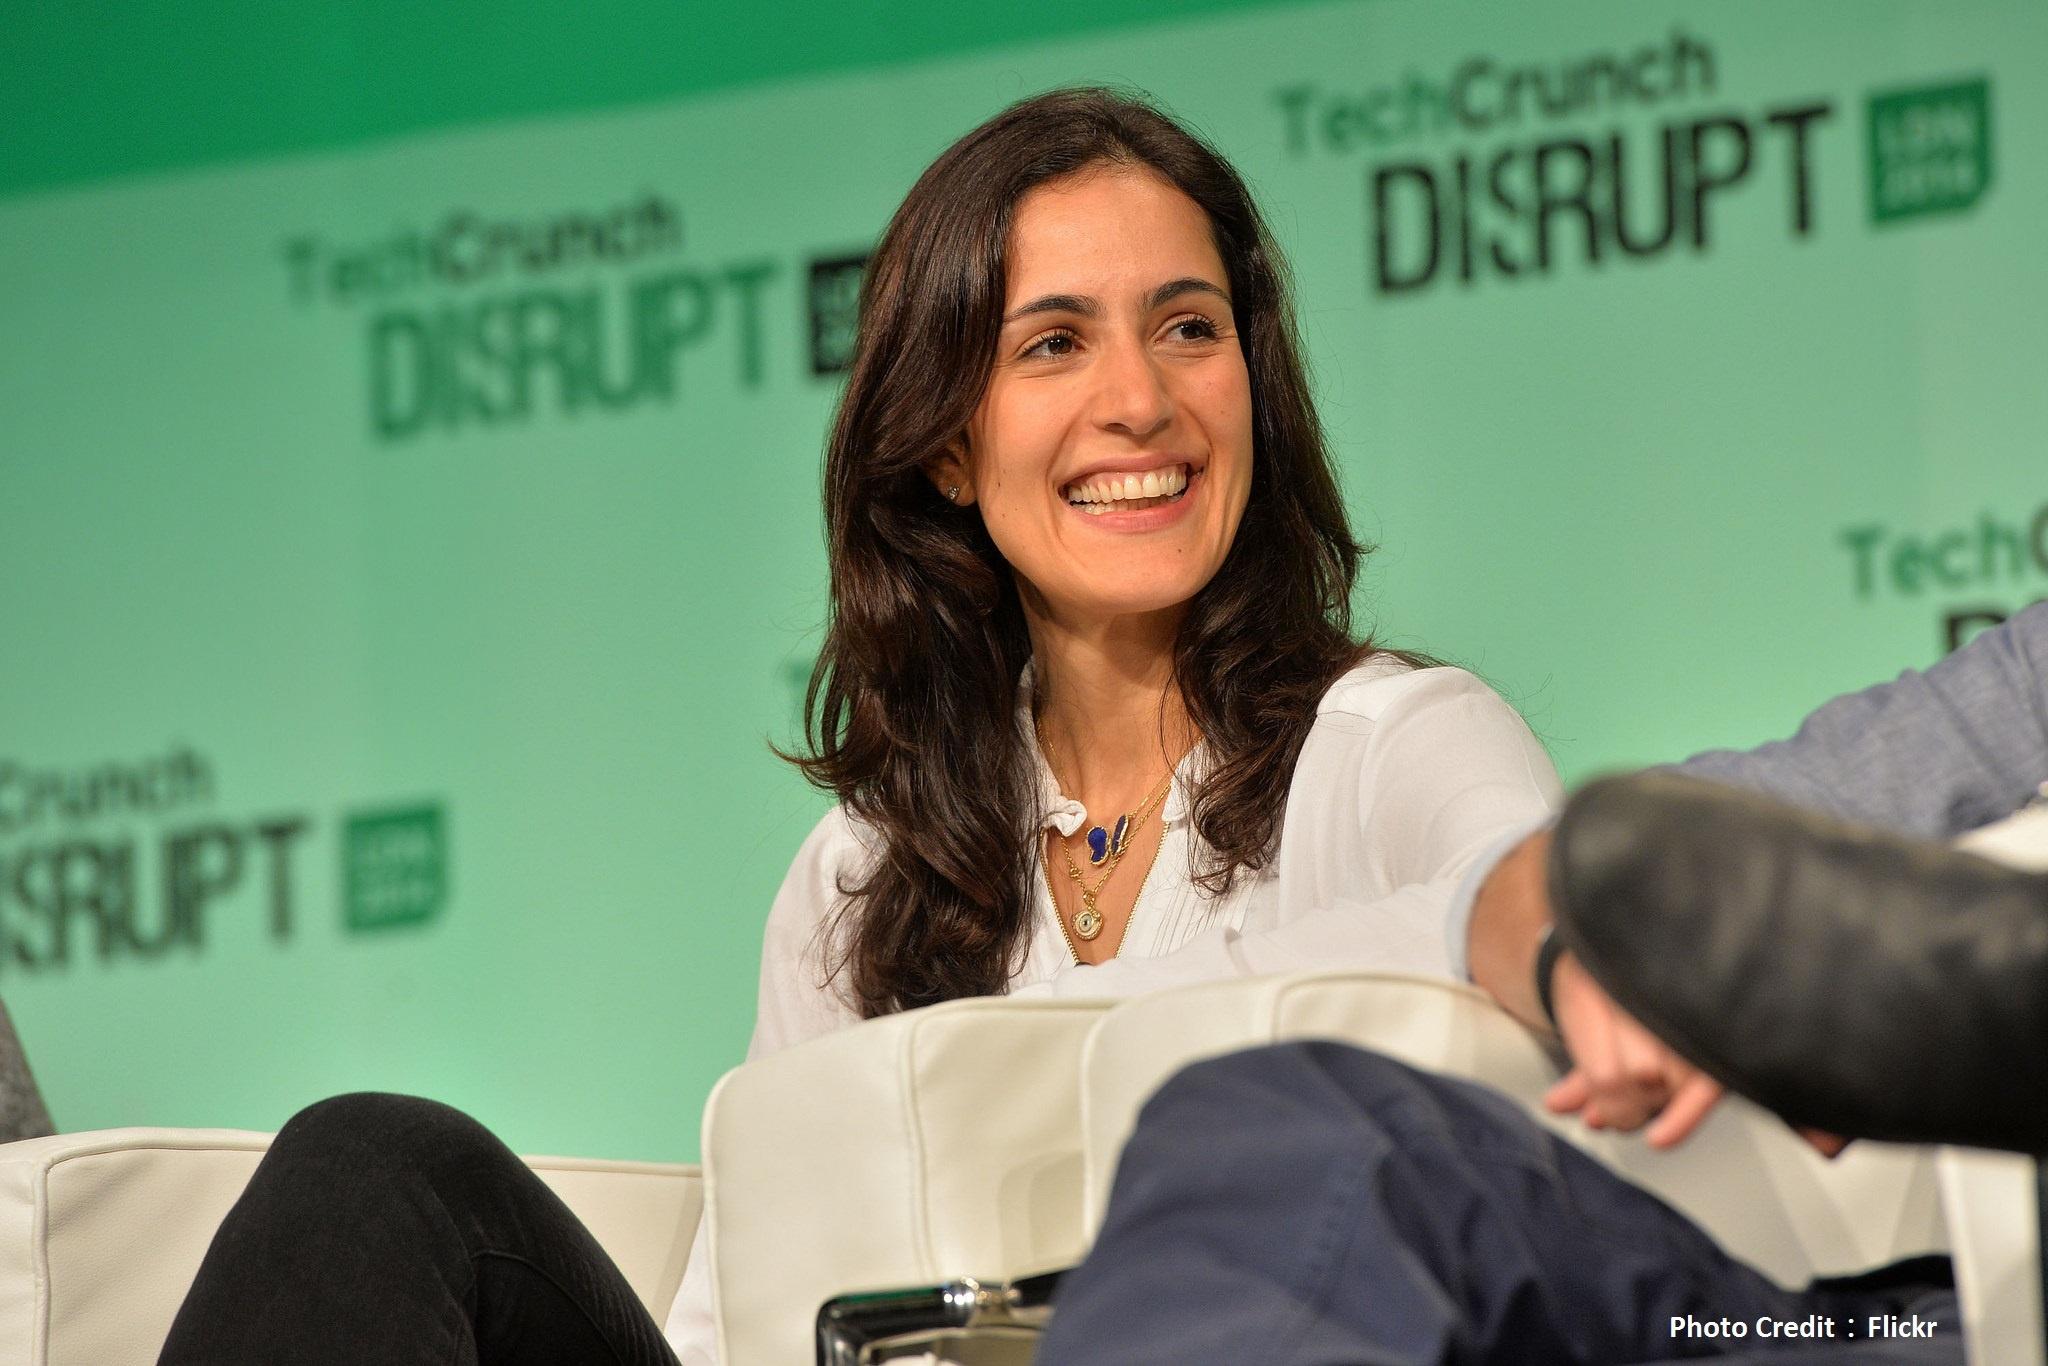 突破性別限制,Google創投唯一女性合夥人給創業者的3大忠告